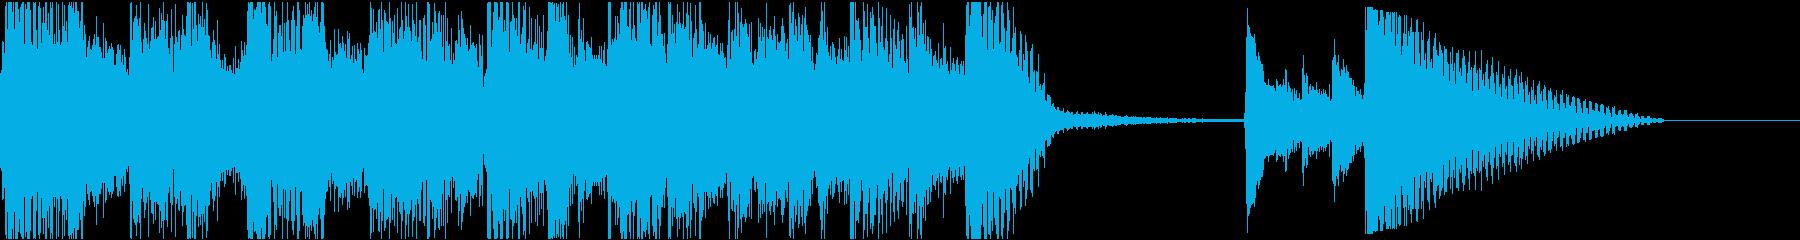 カントリーブルーグラス研究所活気の...の再生済みの波形